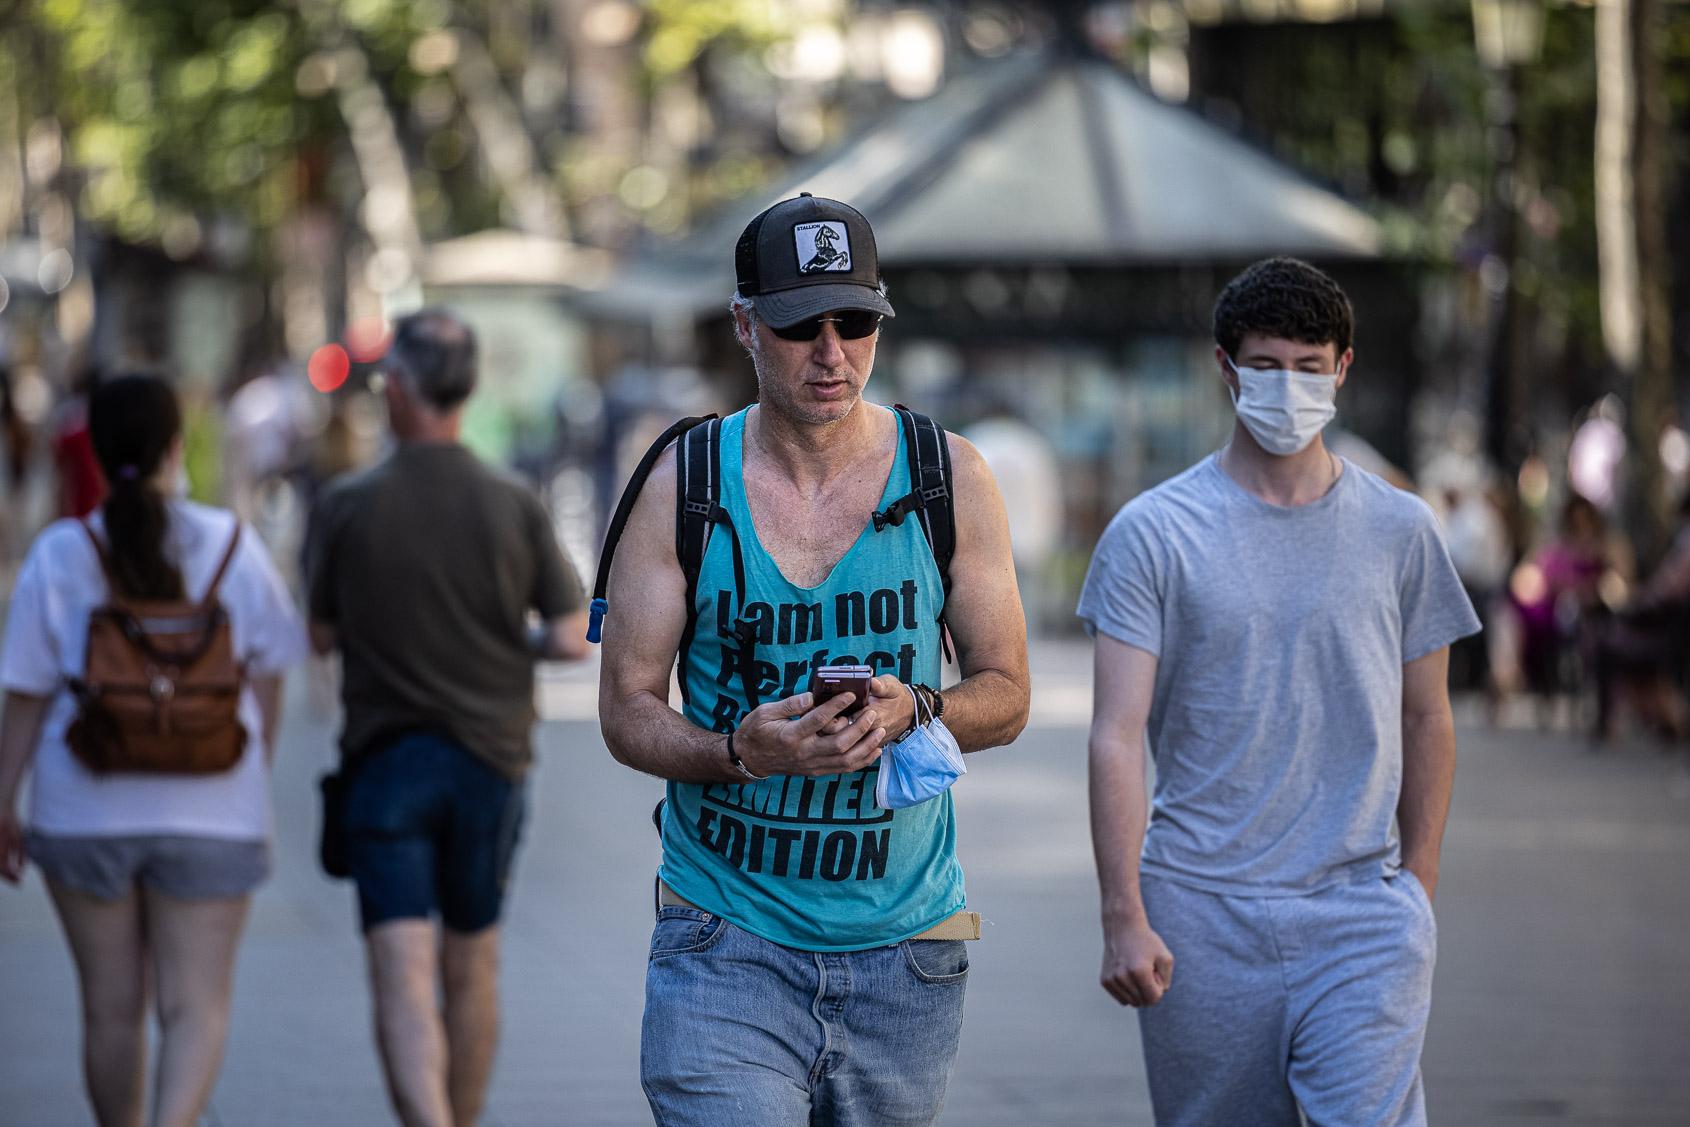 Un vianant sense mascareta i un altre amb mascareta a la Rambla, a Barcelona, en plena cinquena onada, el juliol del 2021 / Jordi Borràs